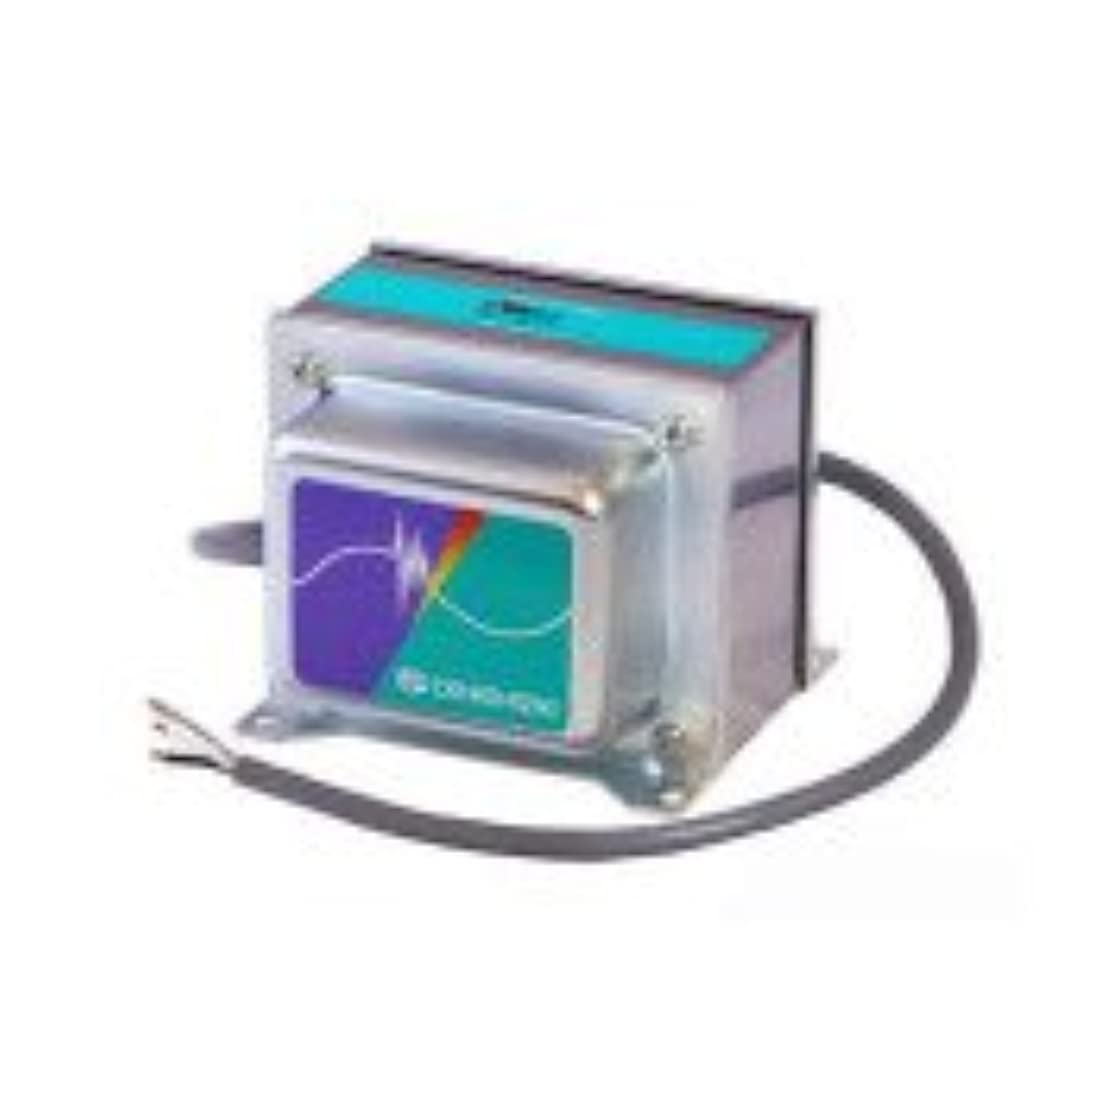 曲げるマティス頑張る電研精機 NCT-I1 100V/100V 500VA ノイズカットトランス